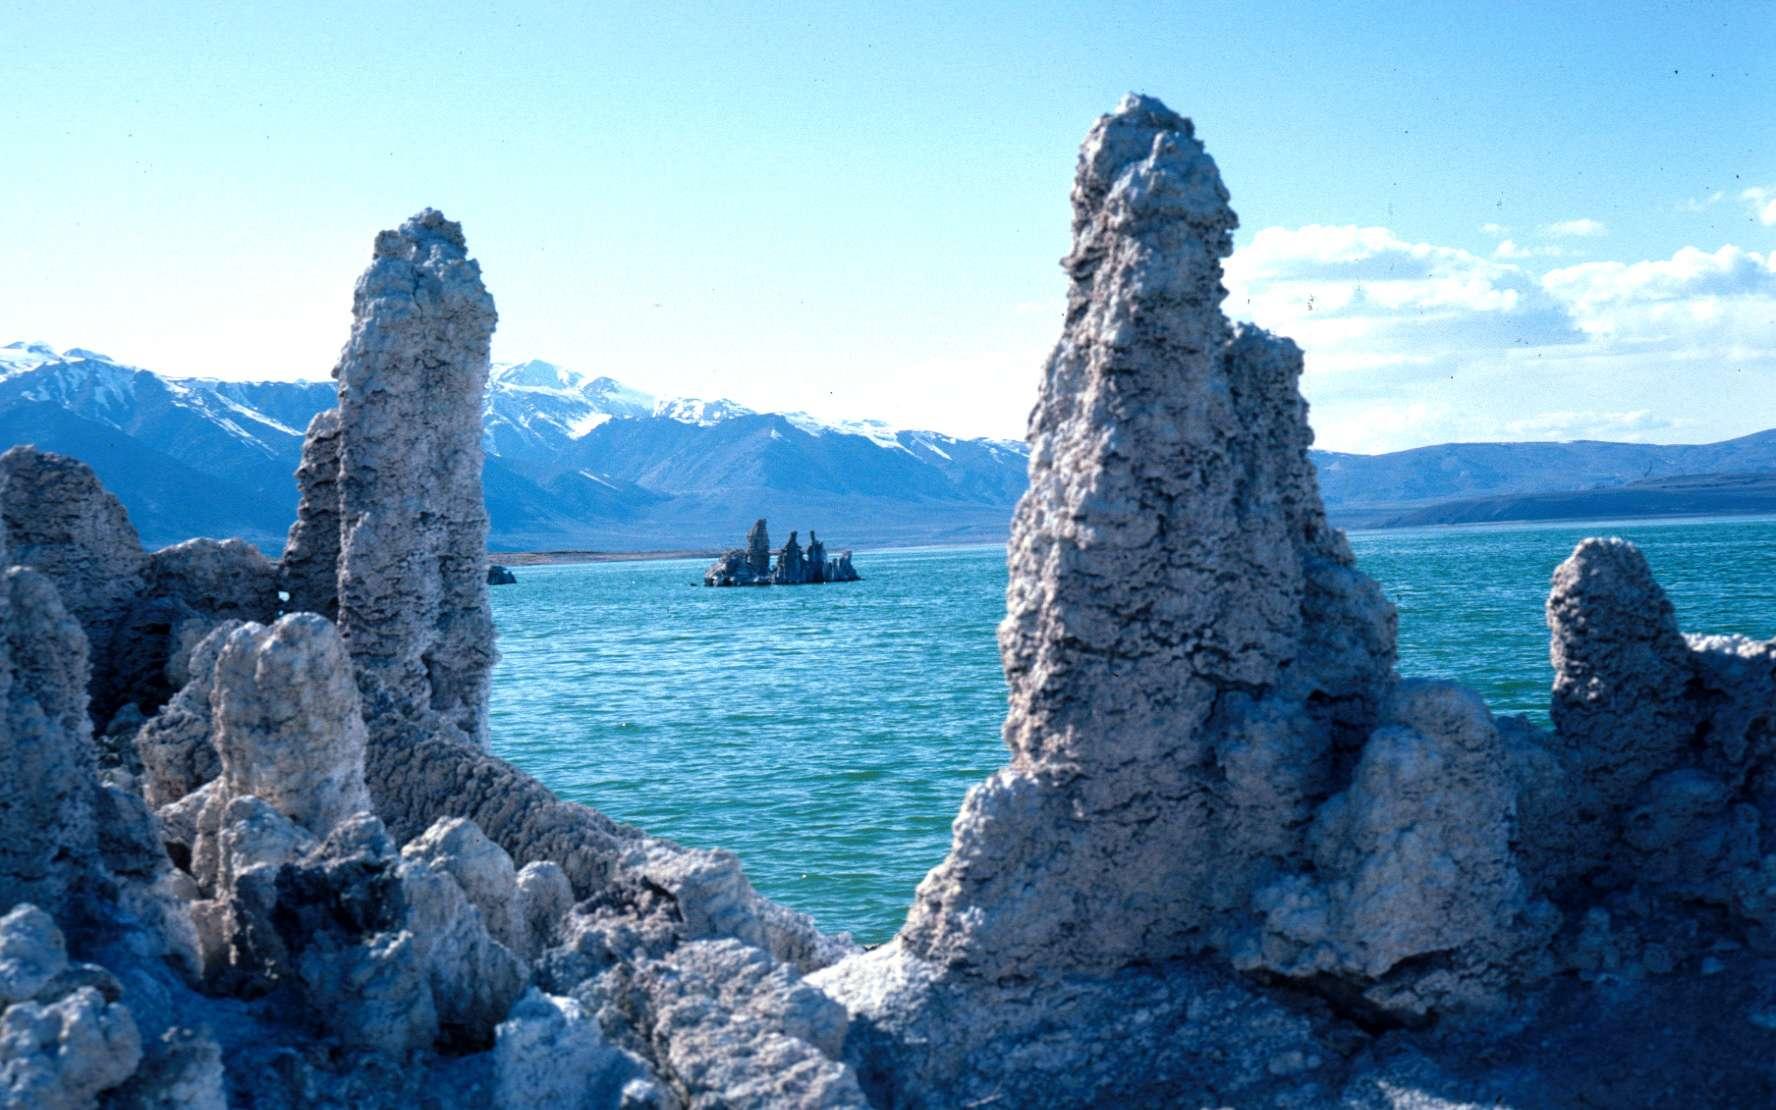 Le lac Mono, traduction de Mono lake en anglais, est un lac salé situé dans le désert de la Sierra Nevada en Californie, à environ 13 kilomètres à l'est du parc du Yosemite. On voit sur cette photo des tufs de calcite et de gypse. Très probablement, Felisa Wolfe-Simon y a découvert des bactéries se développant à partir de l'arsenic, ce qui étendrait les environnements possibles où chercher de la vie... © Joseph Smyth